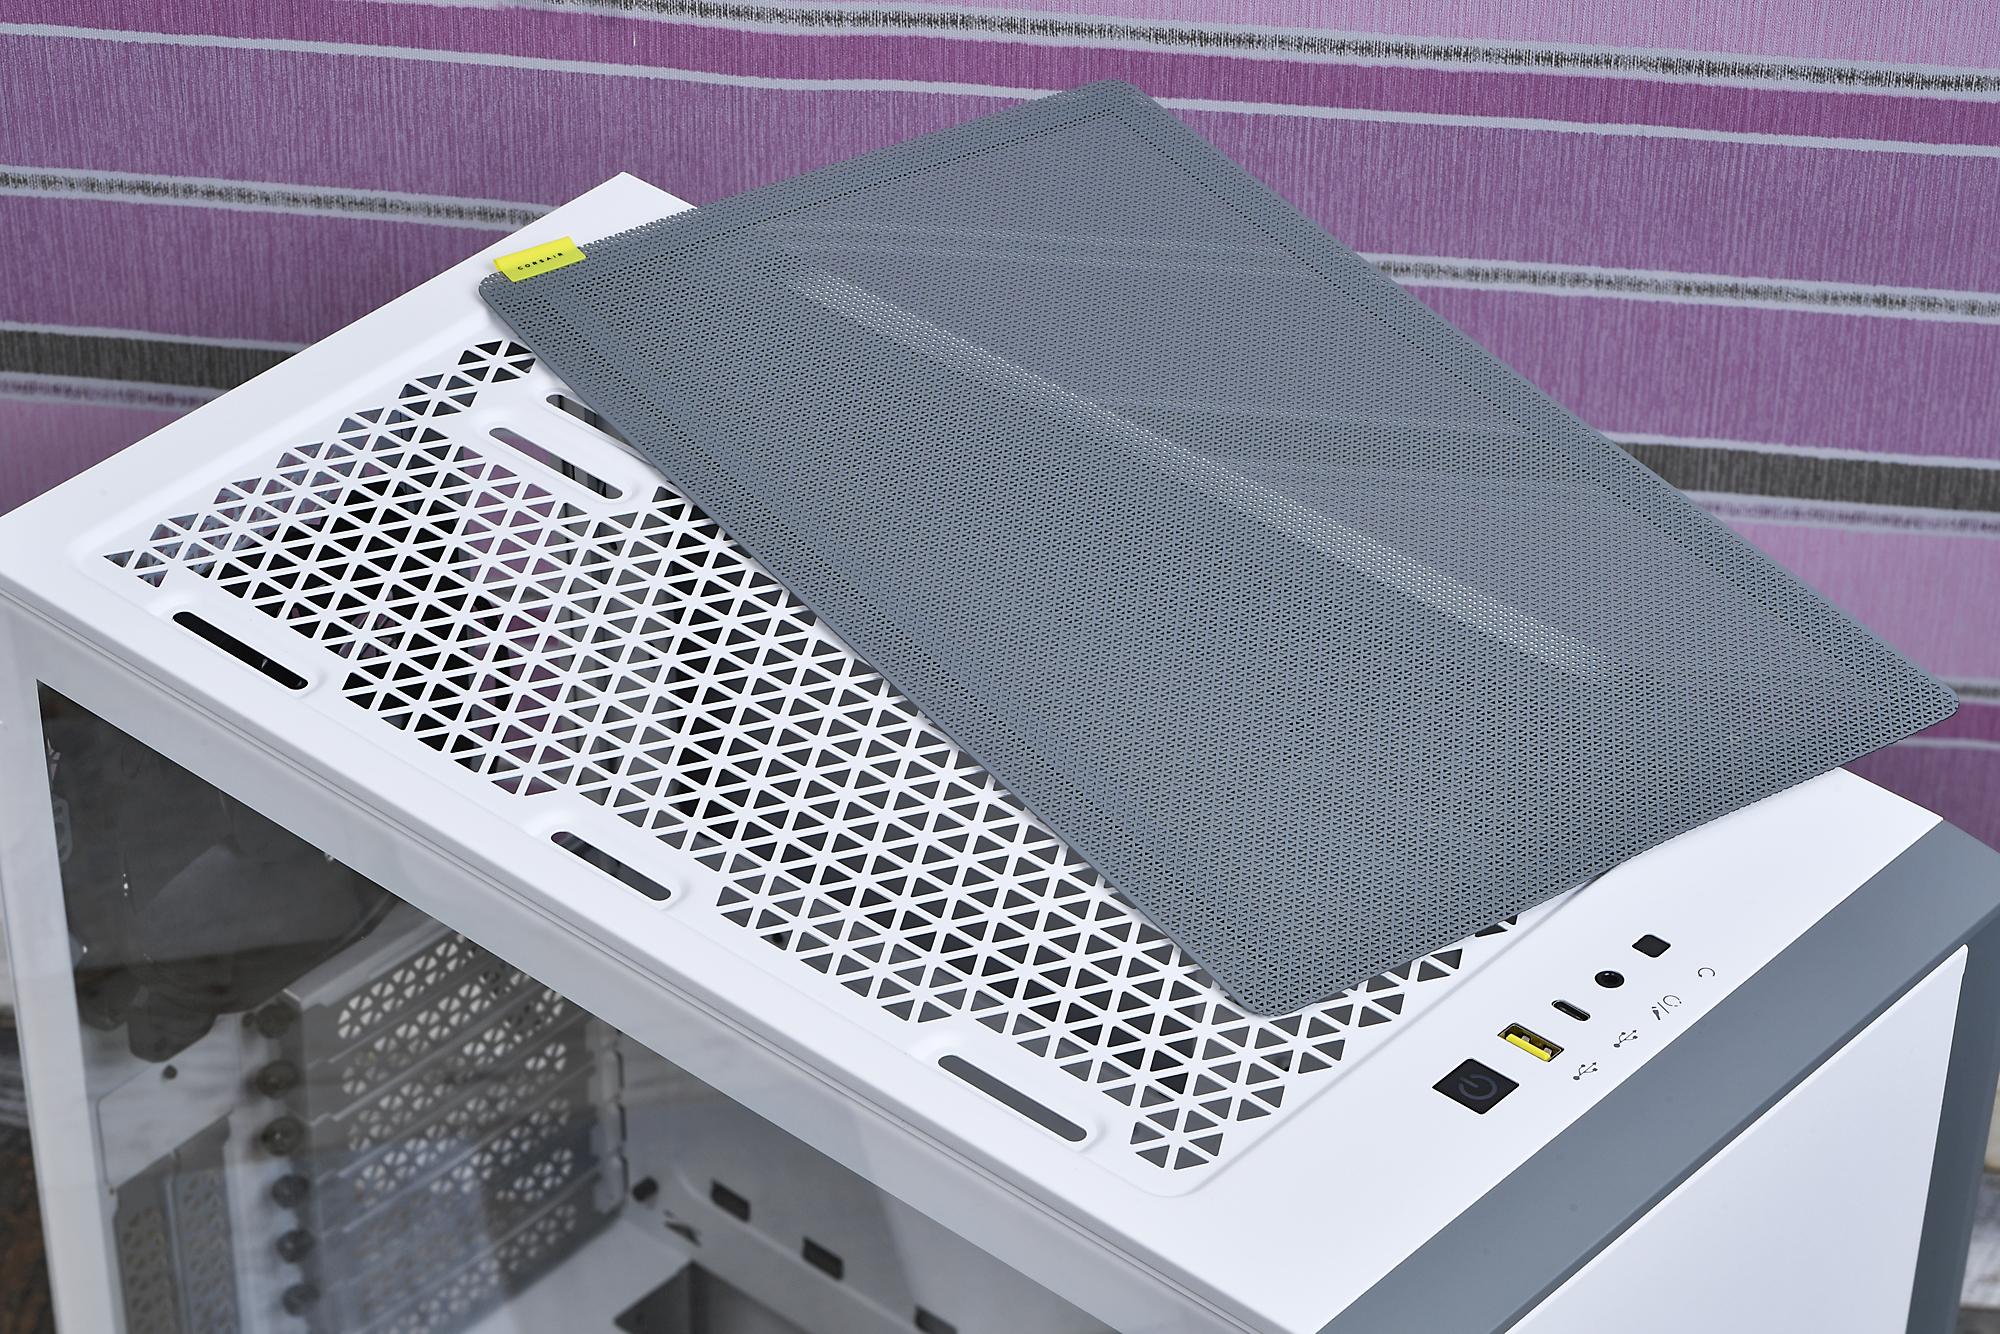 天板はどのモデルもメッシュ構造で、磁石式の防塵フィルタで保護されている。